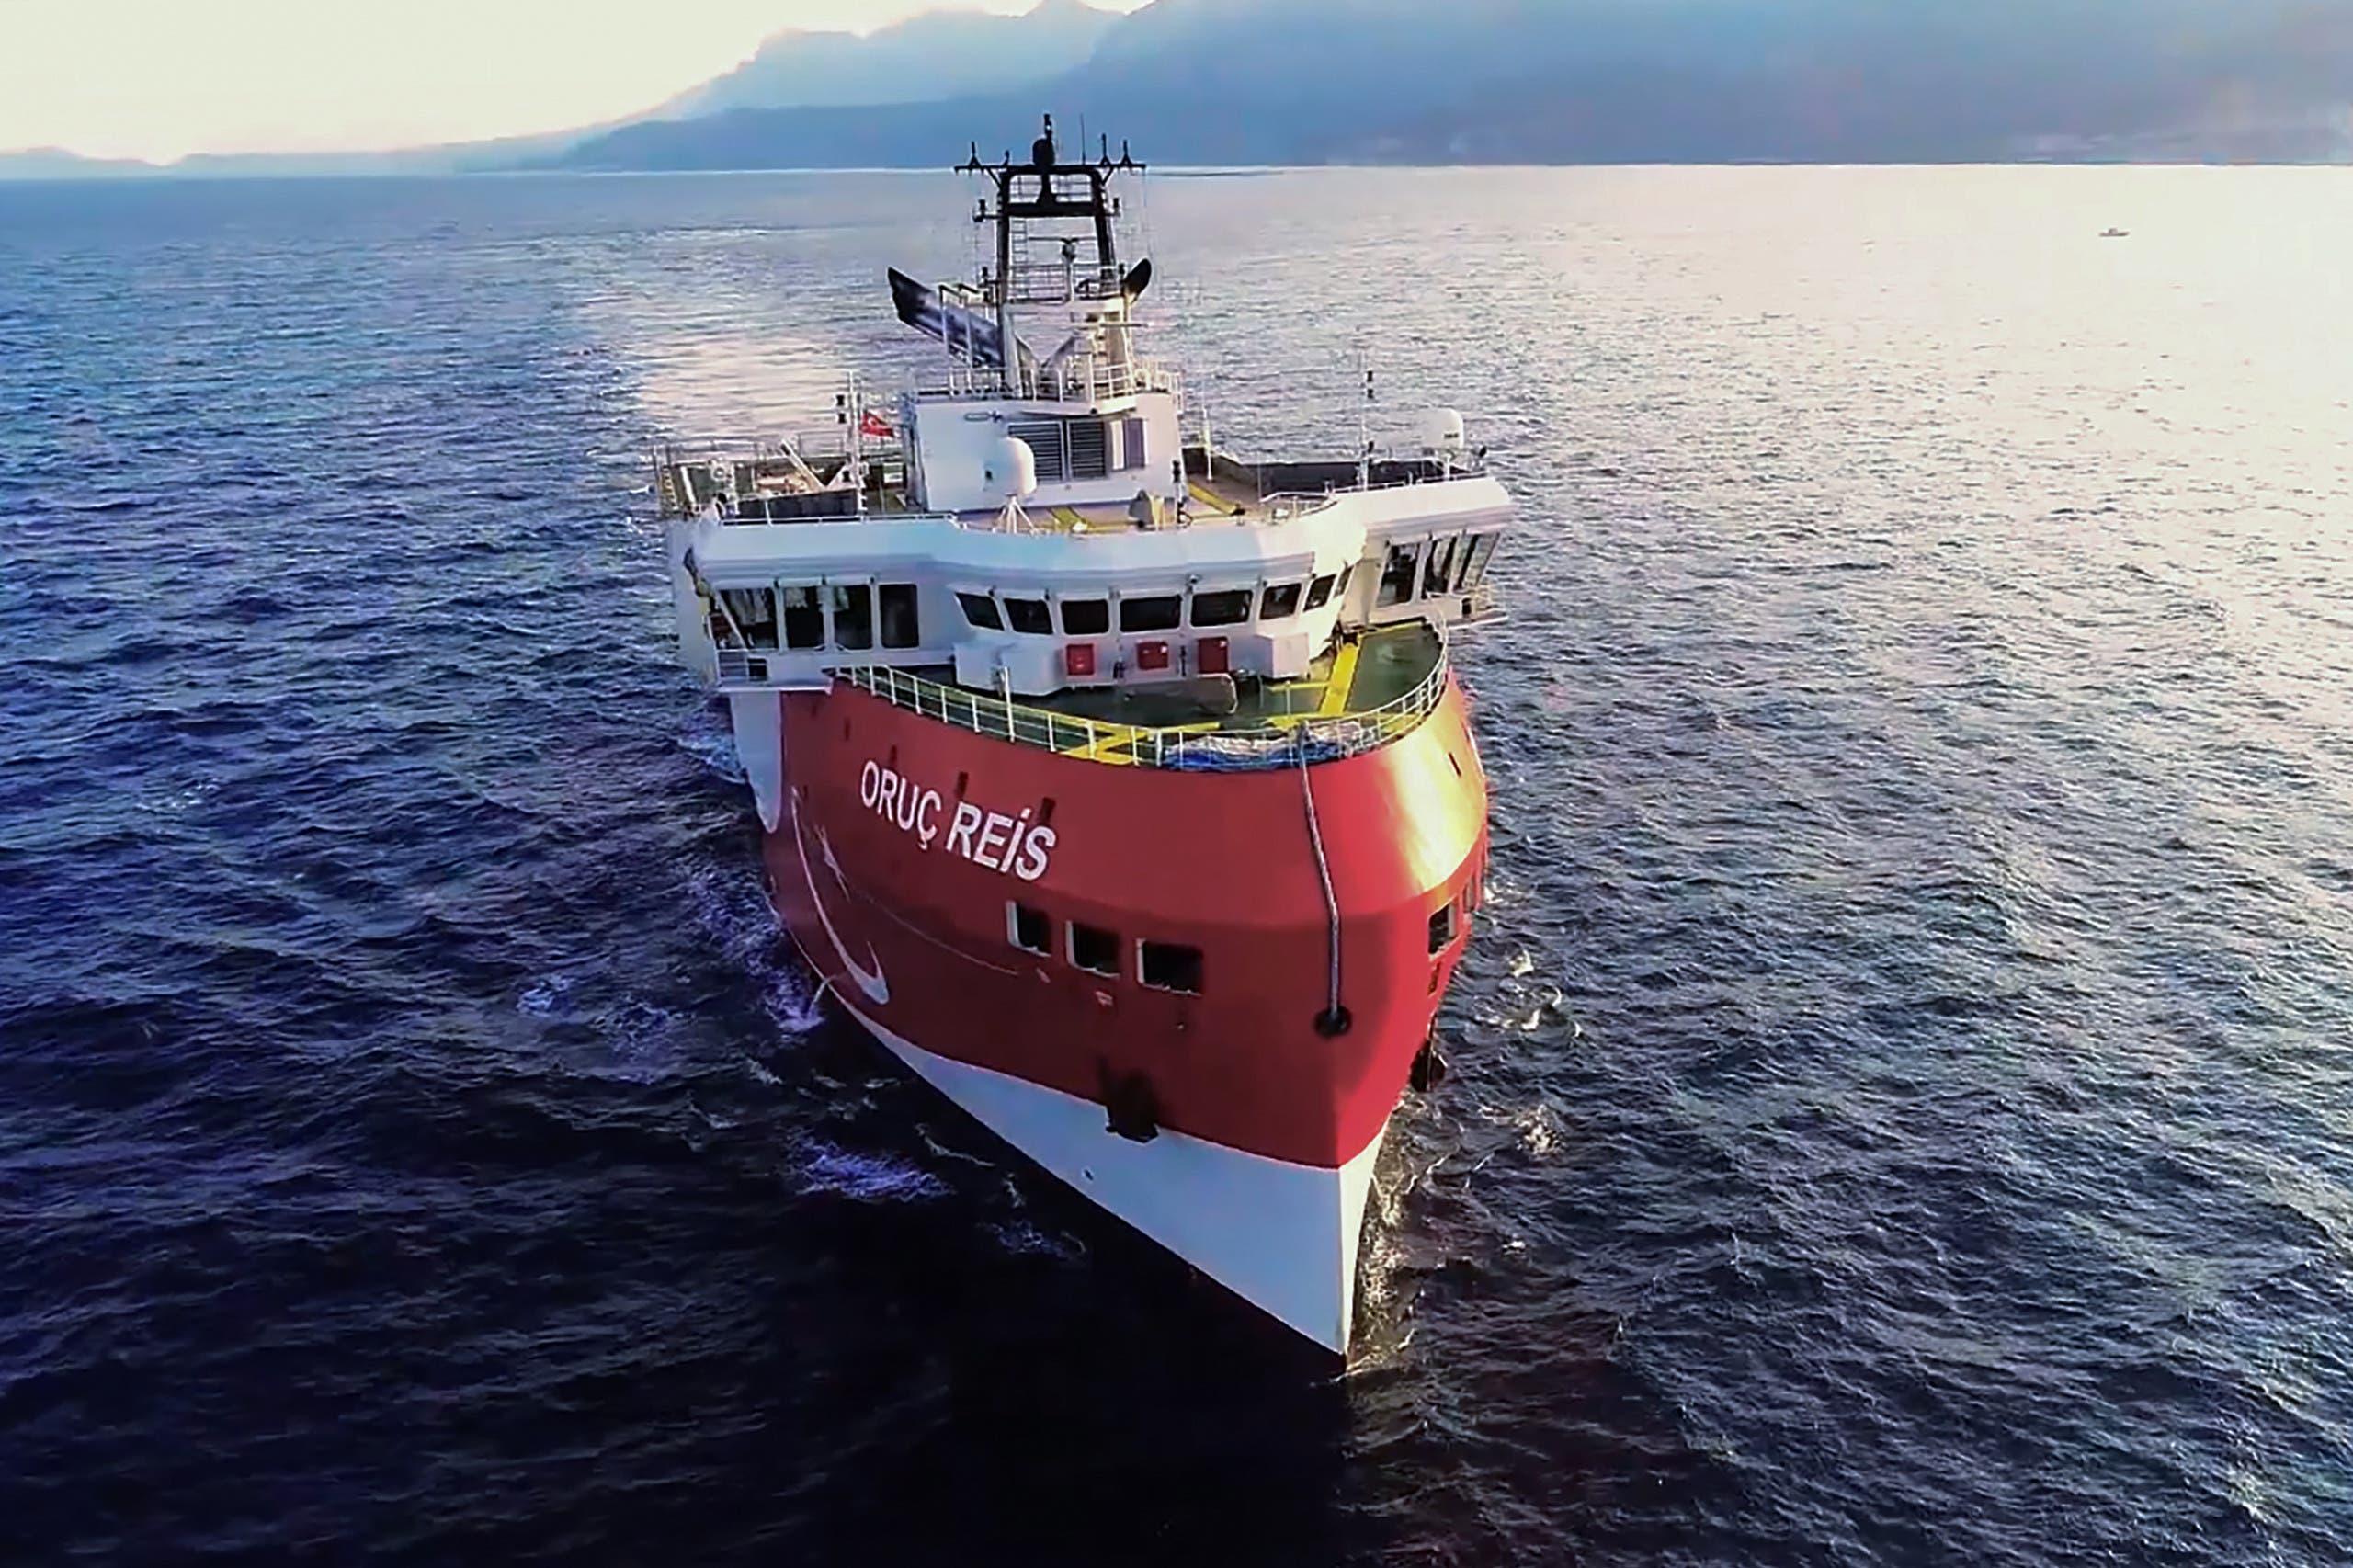 """سفينة التنقيب التركية """"عروش ريس"""" التي تبحر في مياه متنازع عليها مع اليونان"""